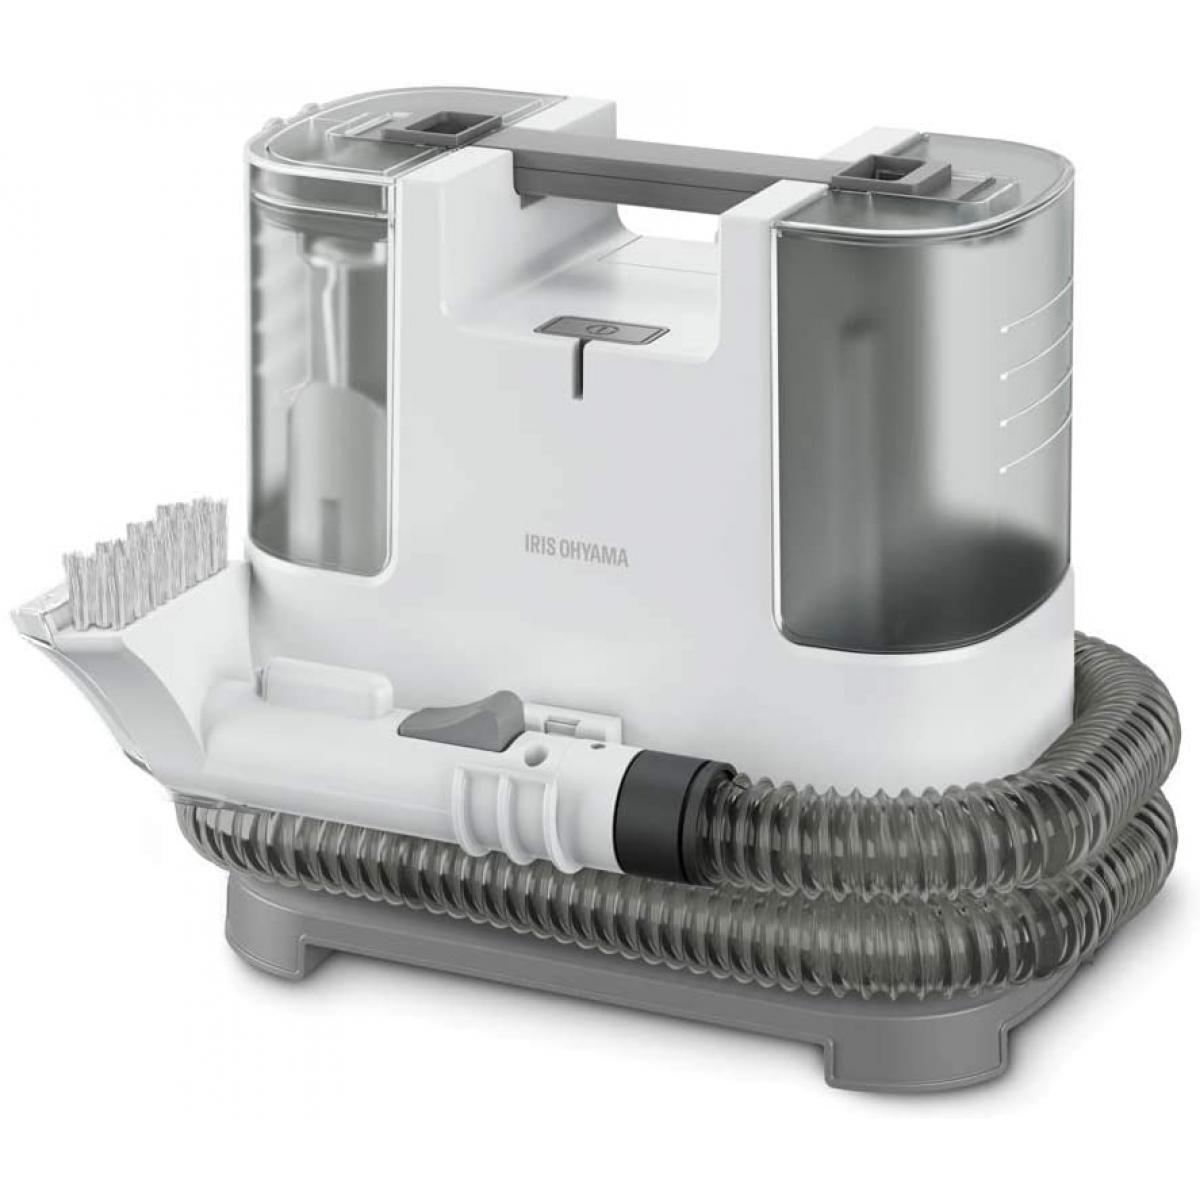 【在庫有・即納】アイリスオーヤマ リンサークリーナー 自動ポンプ式 布製品洗浄機 水と空気の力で汚れを吸い取る 温水対応 掃除機 RNS-P10-W